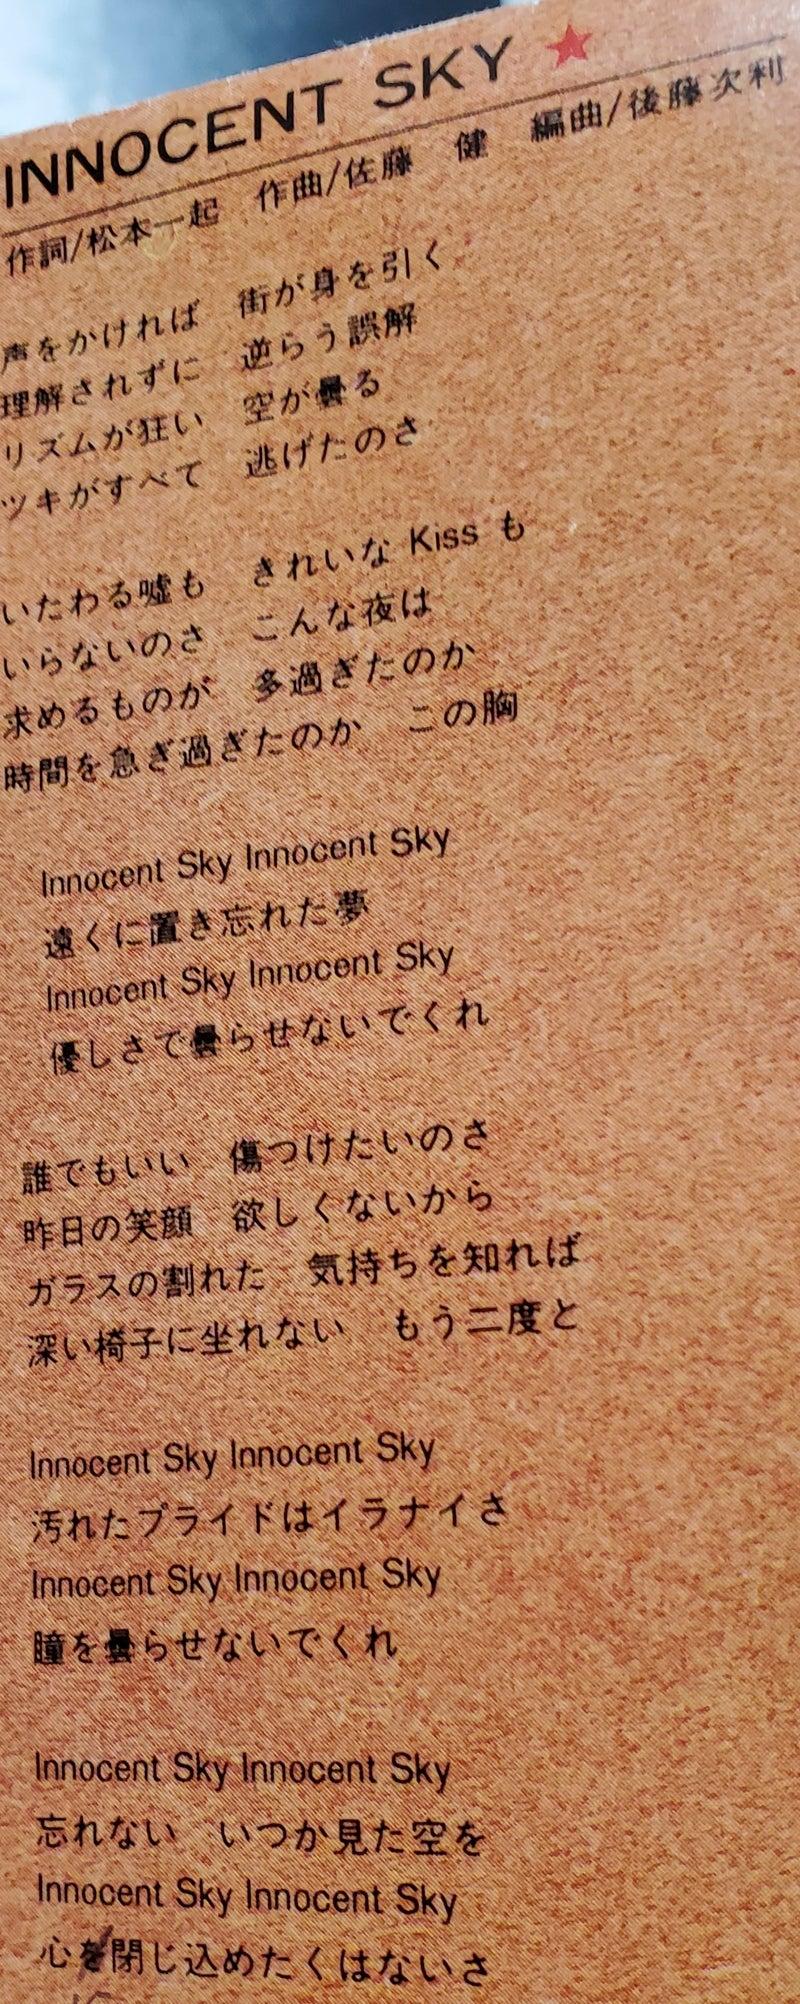 ☆それは「無垢の空」・・・INNOCENT SKY☆ | みぃの旦那と私と吉川 ...